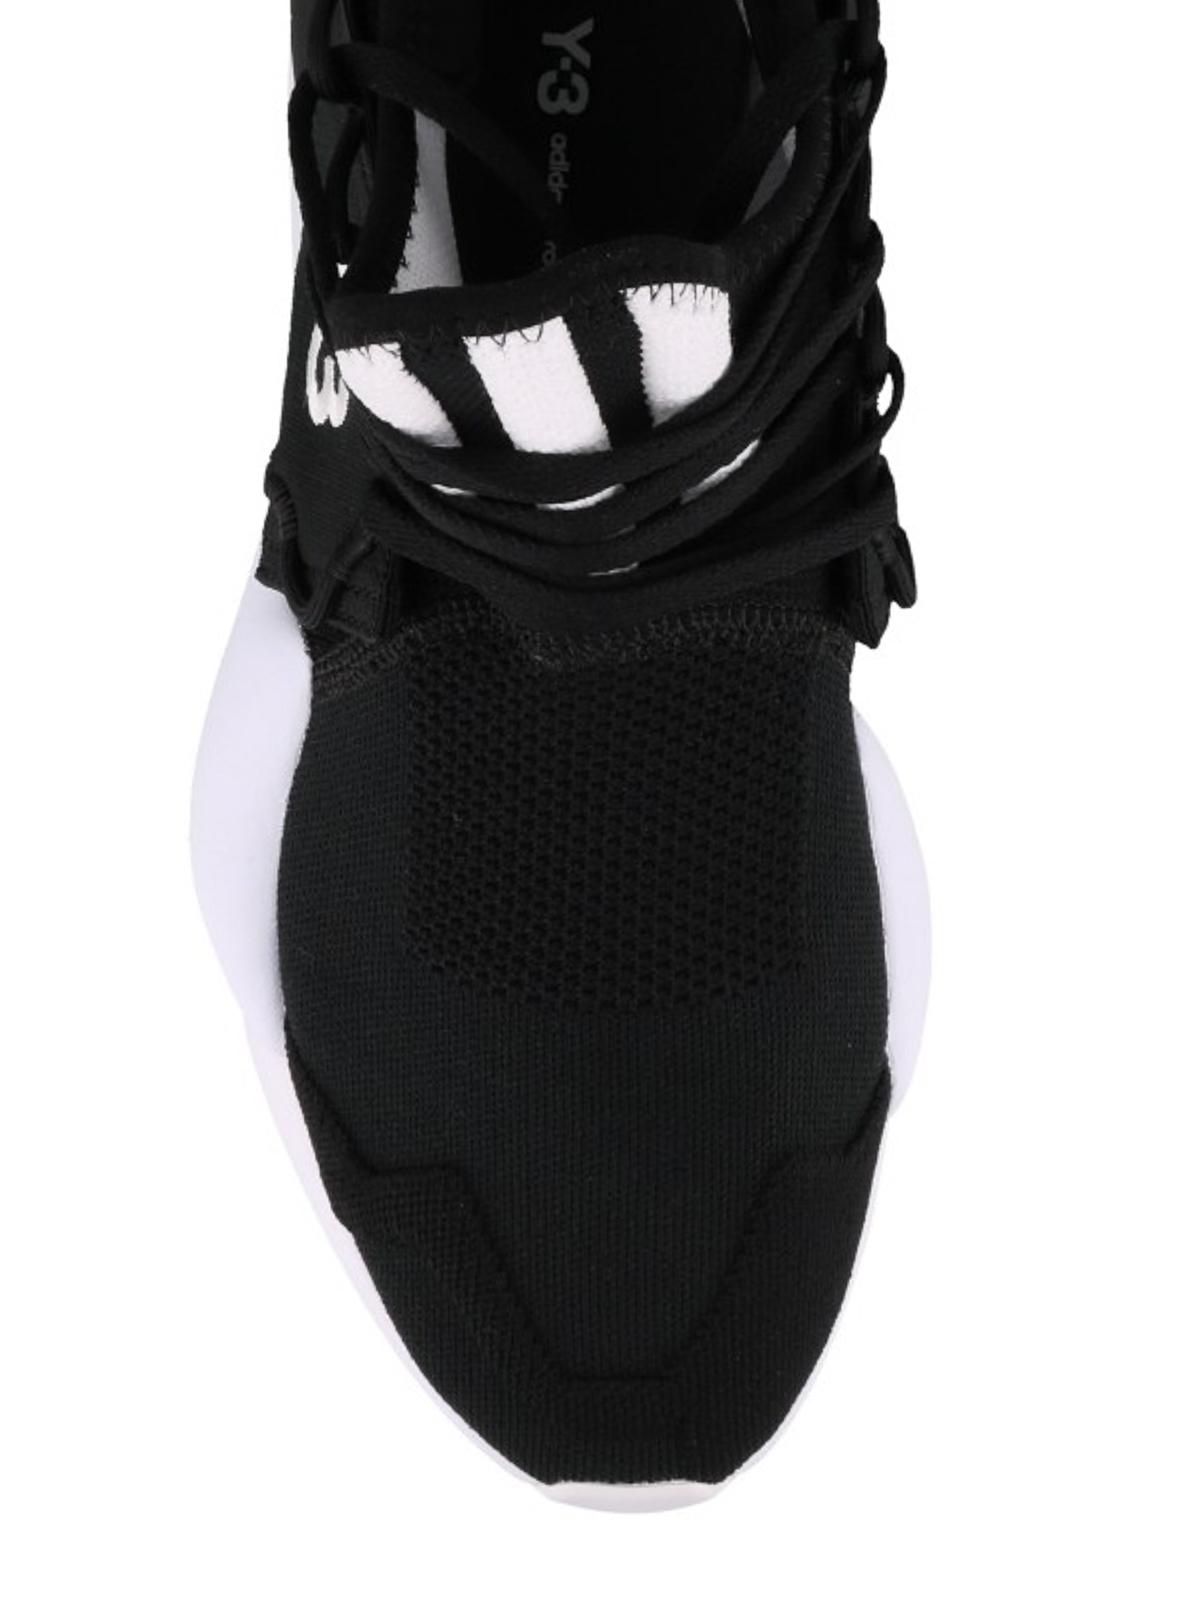 f25a6a1d33d Adidas Y-3 - Kaiwa Knit black sneakers - trainers - F97424 | iKRIX.com